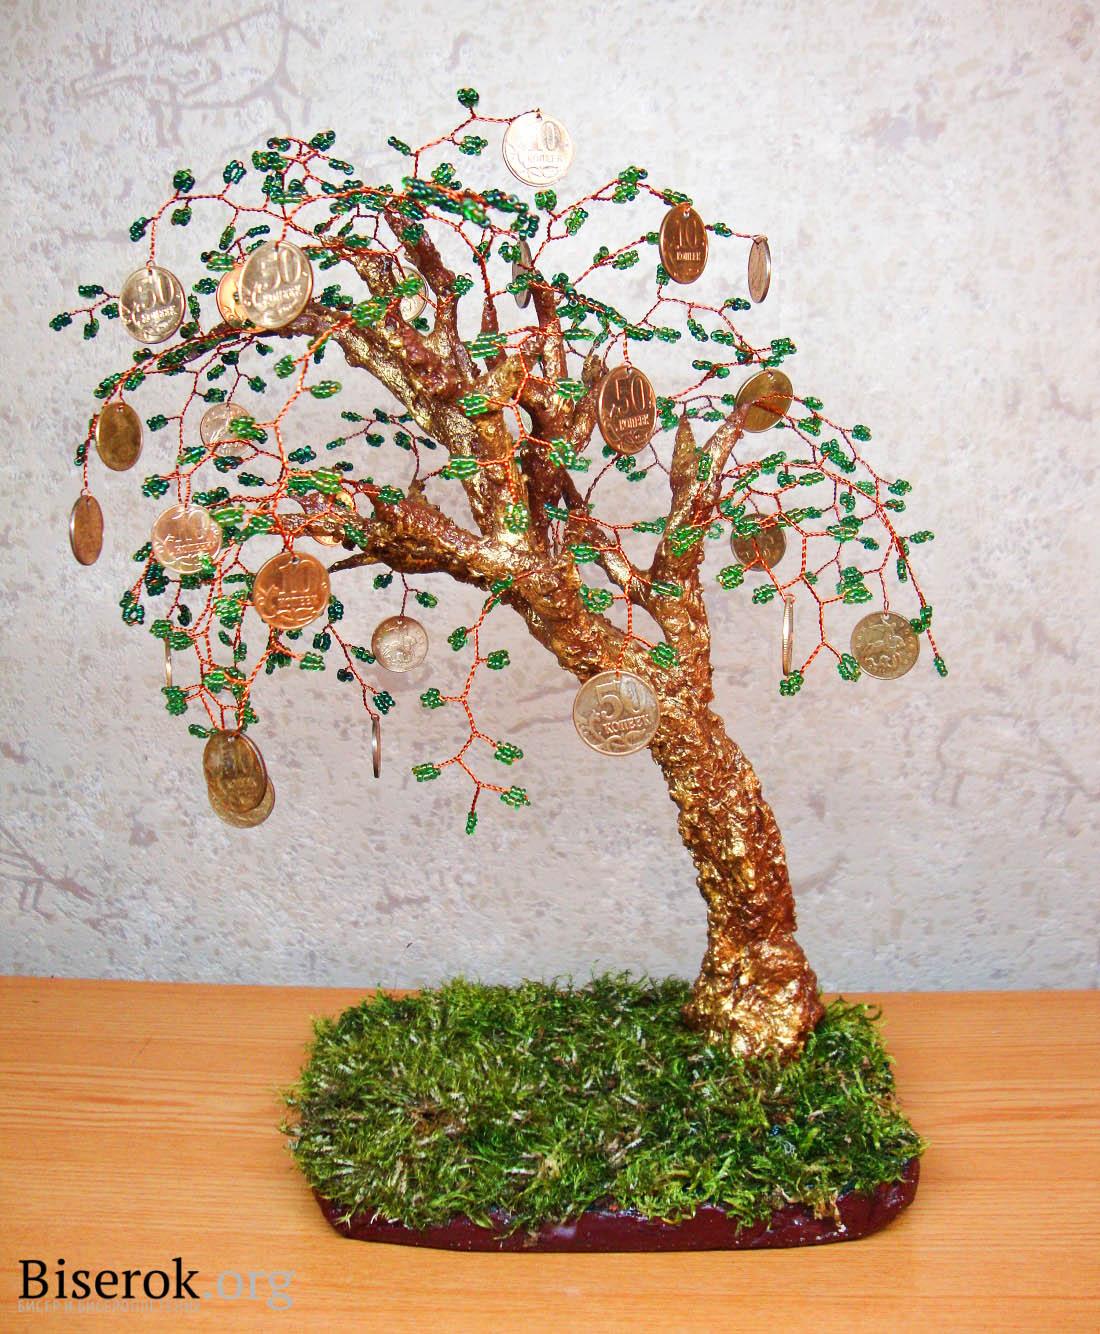 denezhnoe-derevo-5 Денежное дерево Деревья из бисера, бонсай – Бисерок